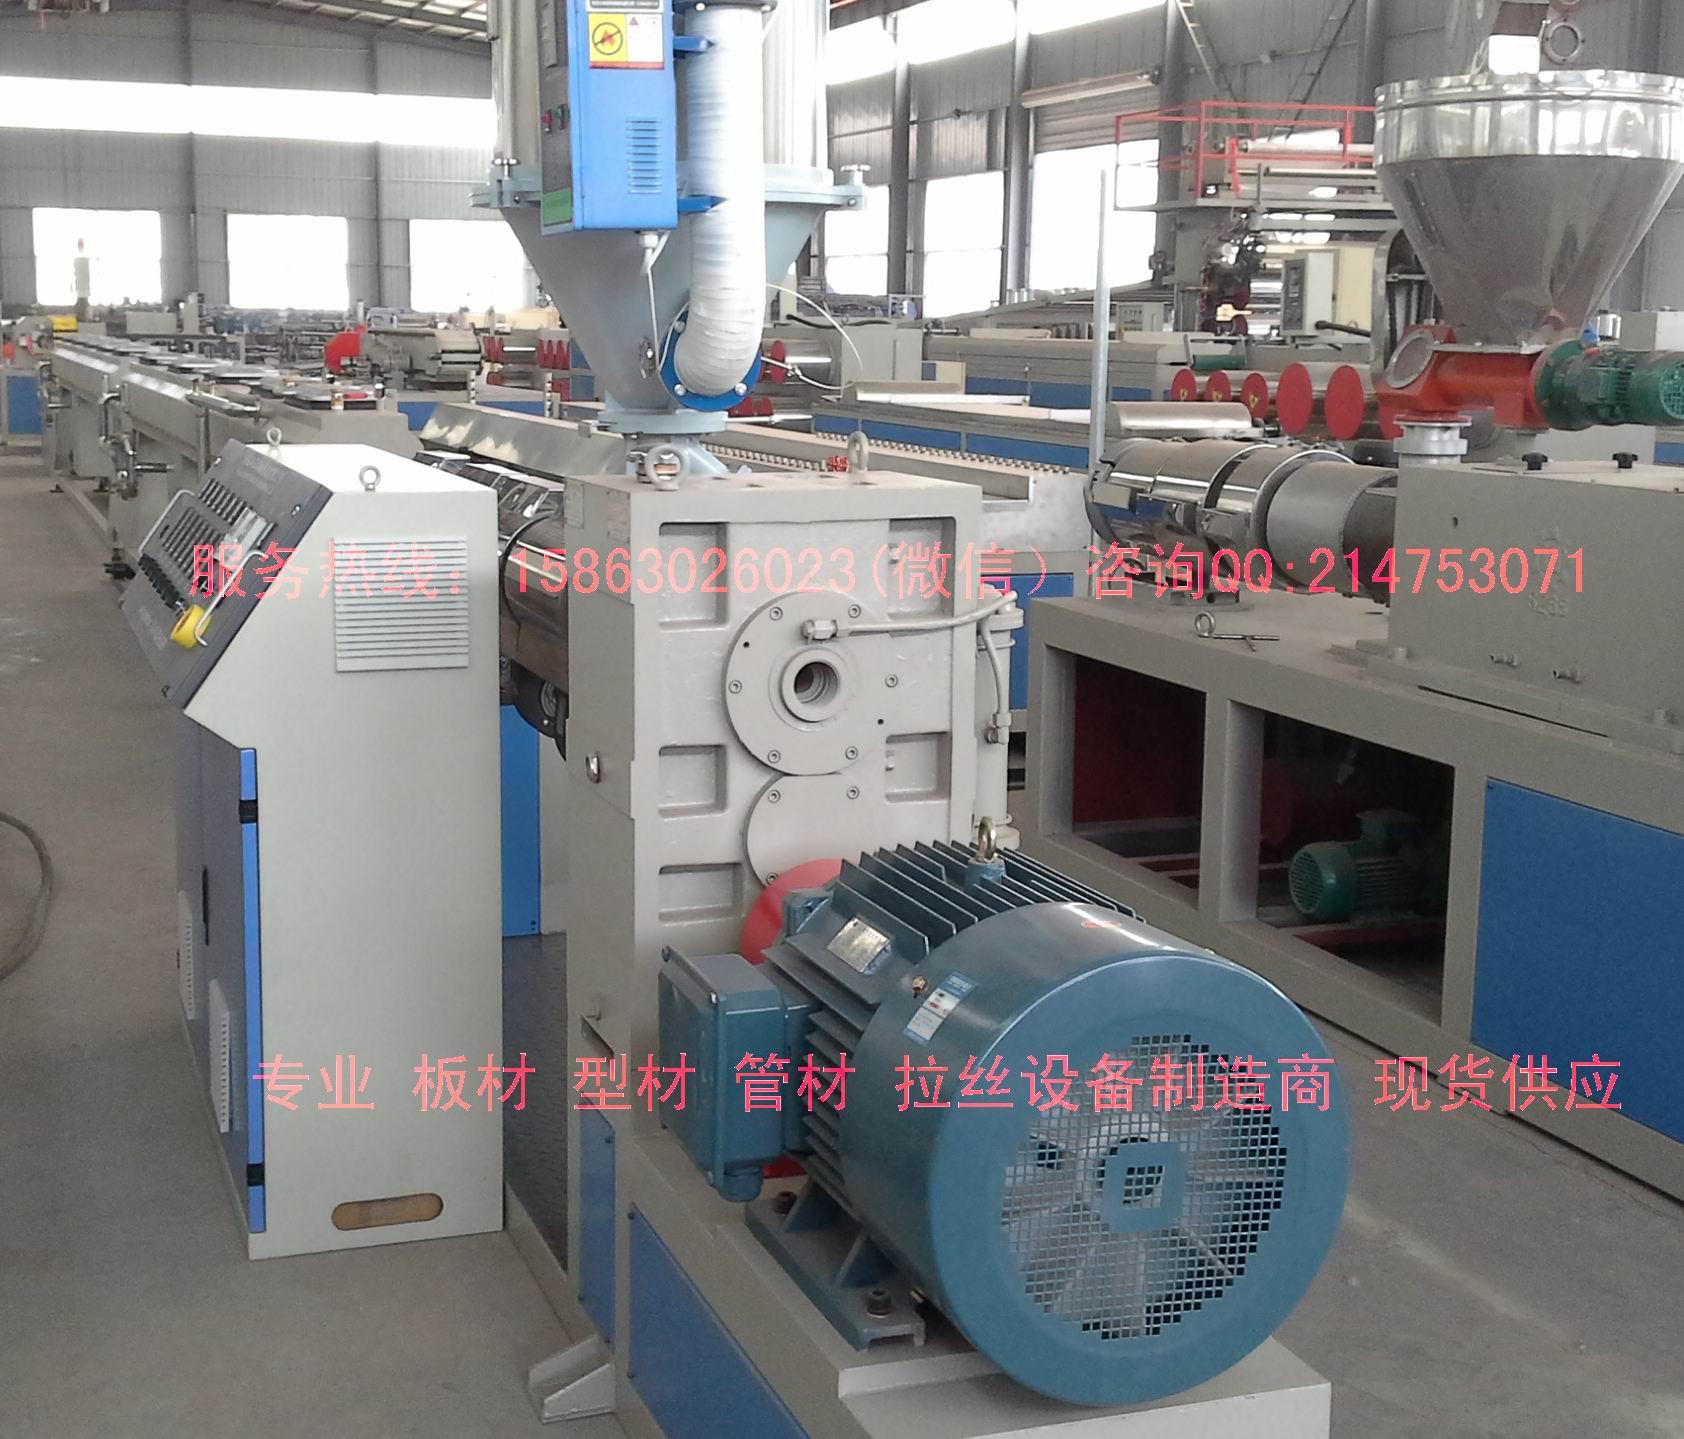 优质地暖管生产线图片/优质地暖管生产线样板图 (4)